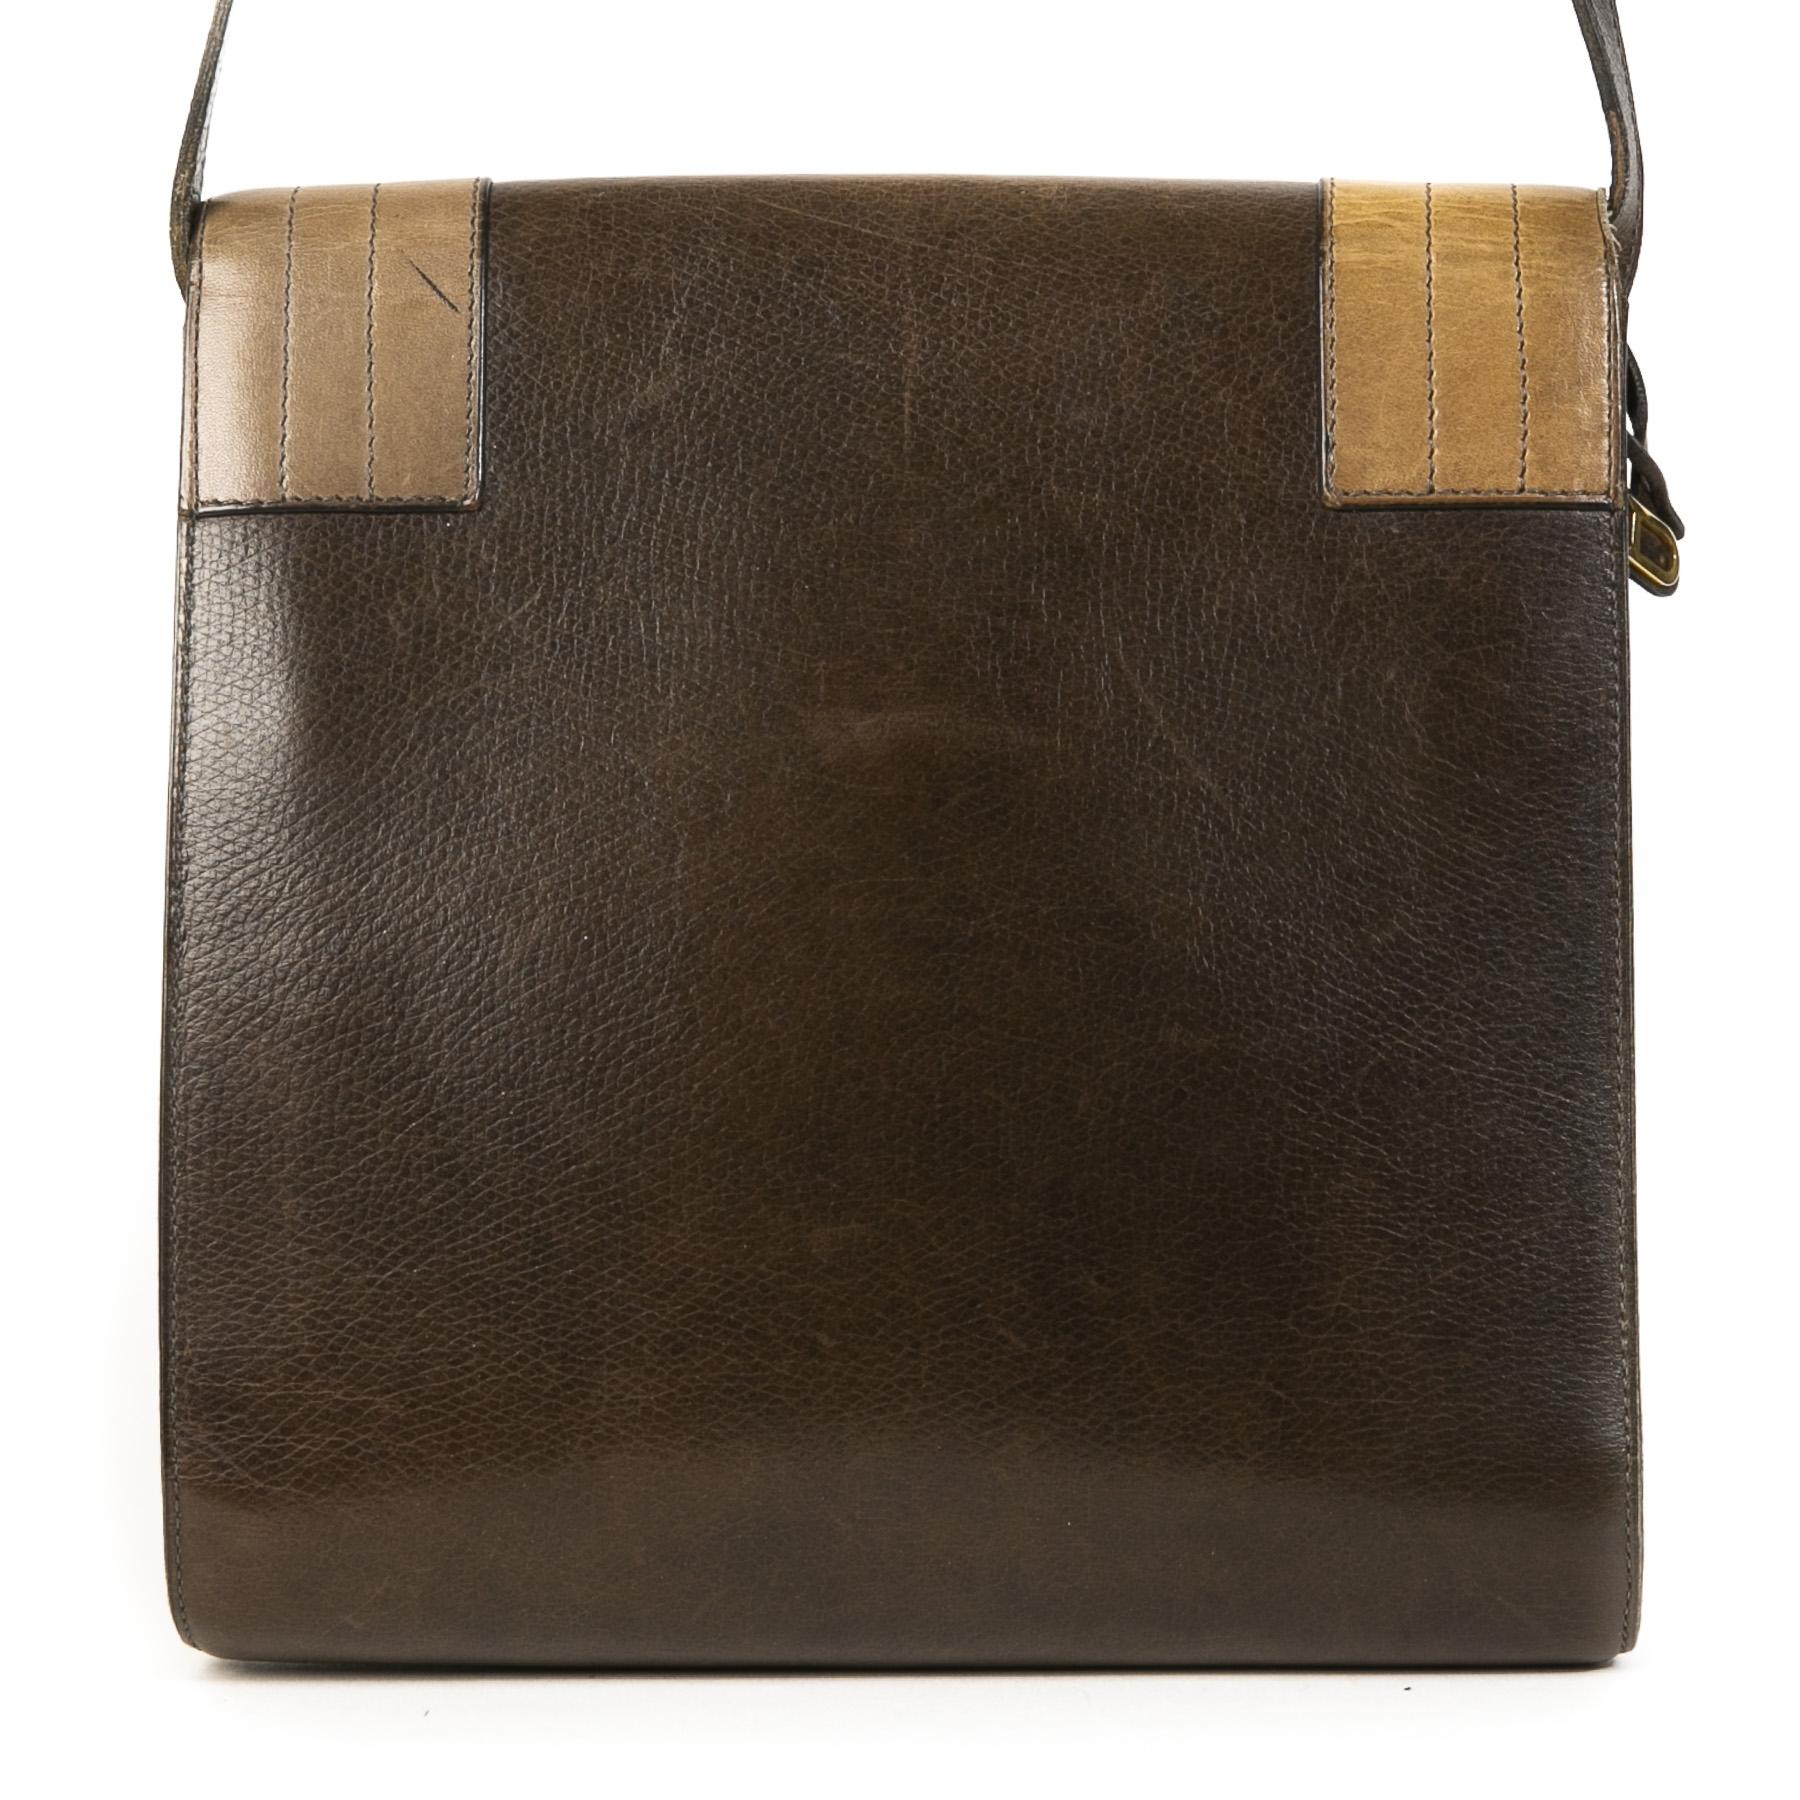 Authentieke Tweedehands Delvaux Chestnut Brown Leather Crossbody Bag juiste prijs veilig online shoppen luxe merken webshop winkelen Antwerpen België mode fashion